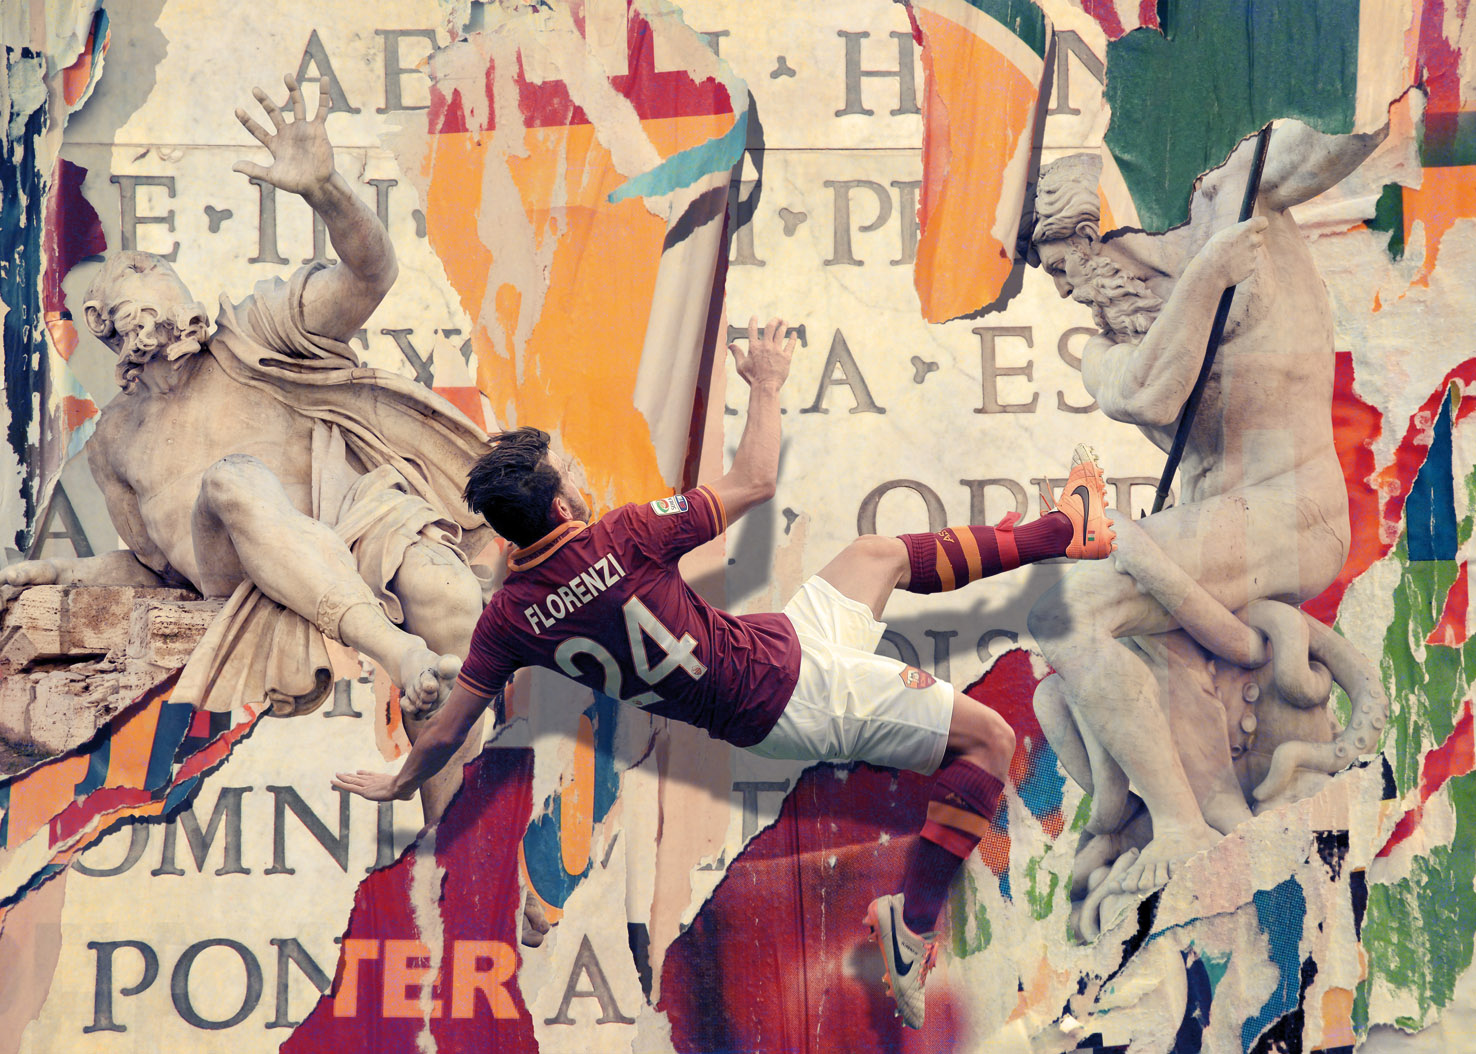 Acrobatico Barocco